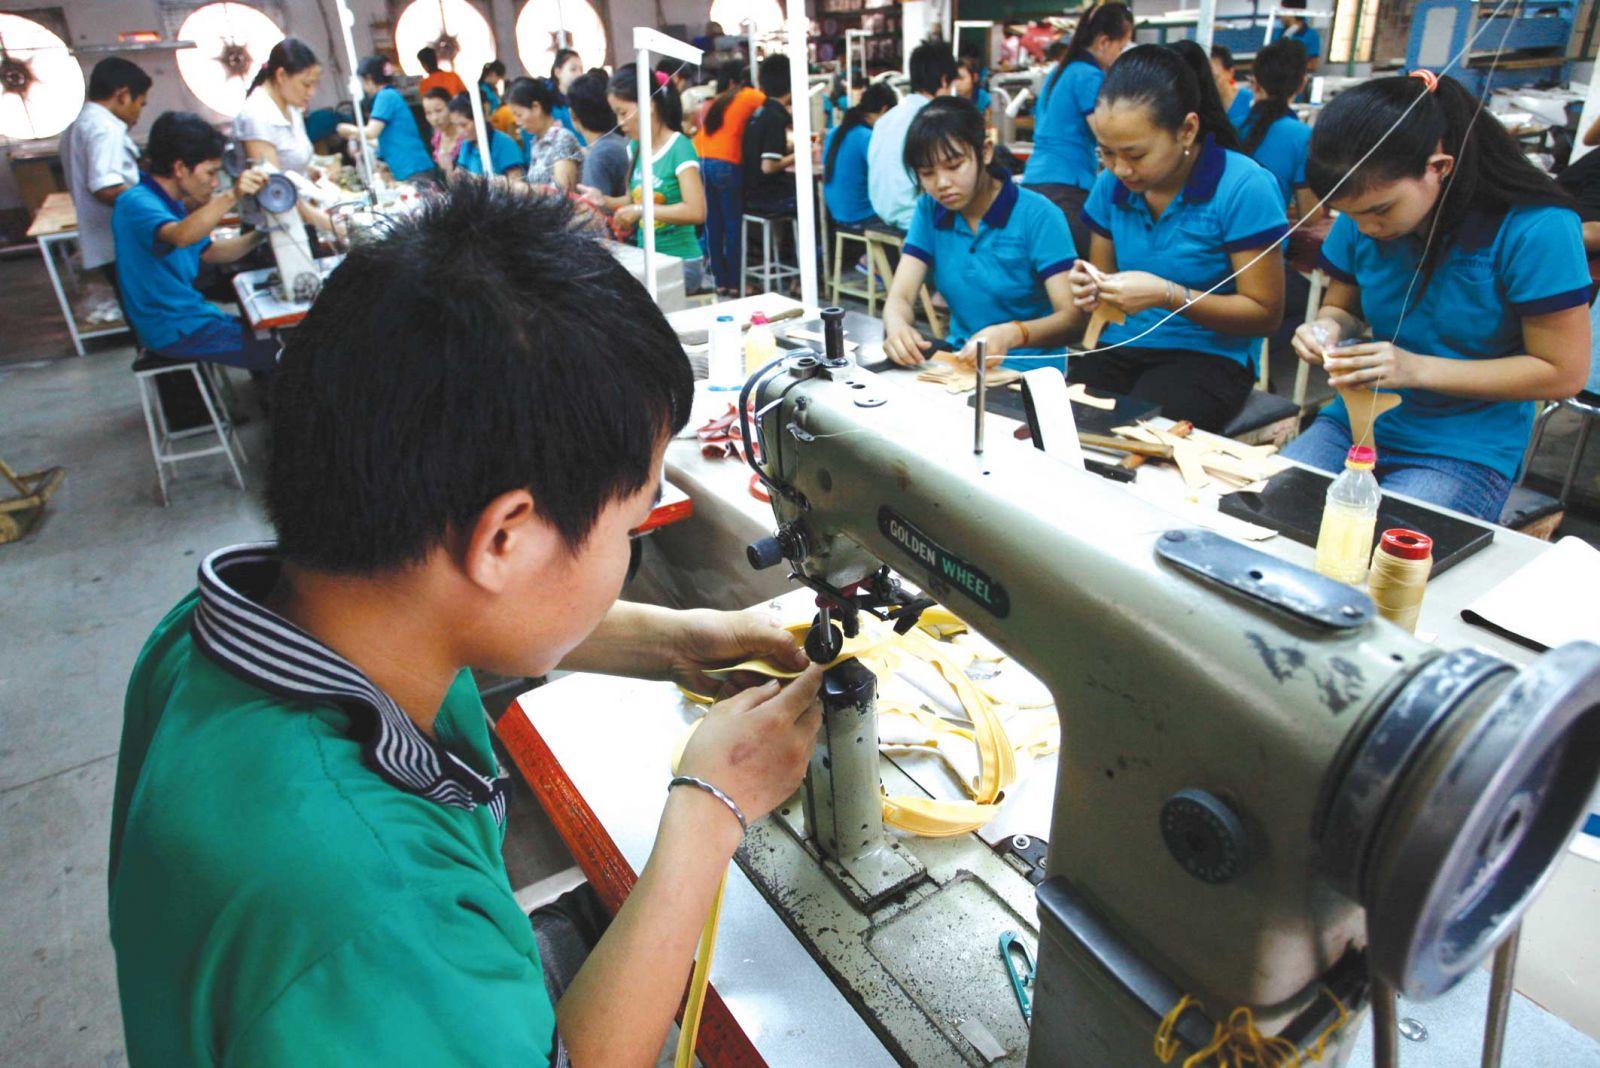 Chính phủ chi thêm 9,4 tỷ đồng hỗ trợ phát triển nguồn nhân lực cho doanh nghiệp nhỏ và vừa